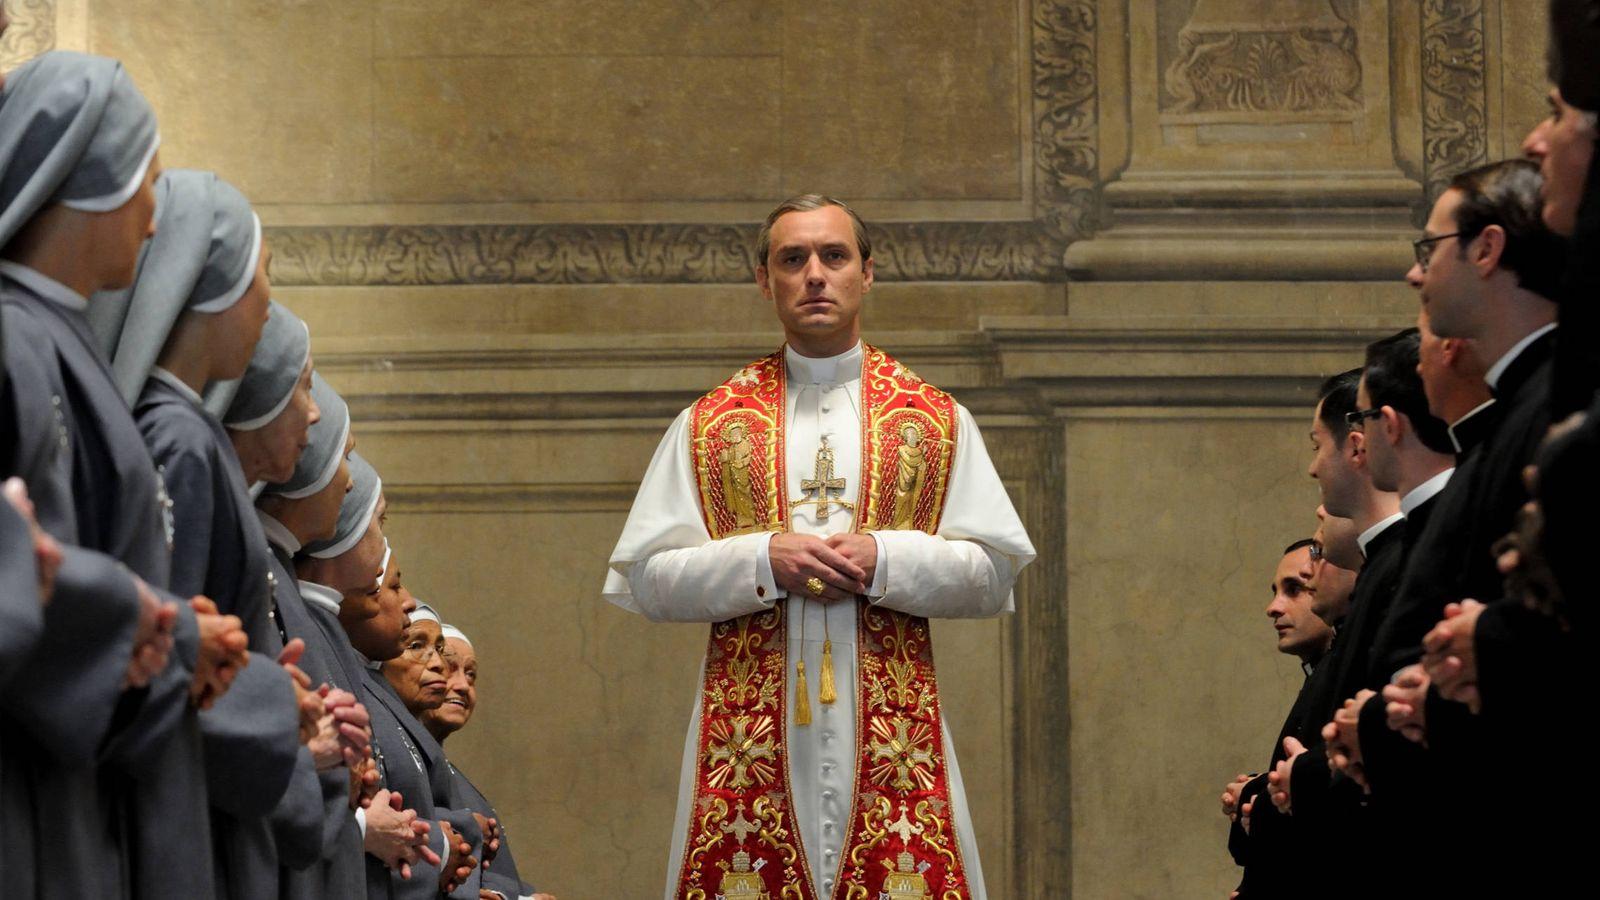 Foto: Jude Law protagoniza la serie 'The Young Pope' (Foto: Gianni Fiorito)